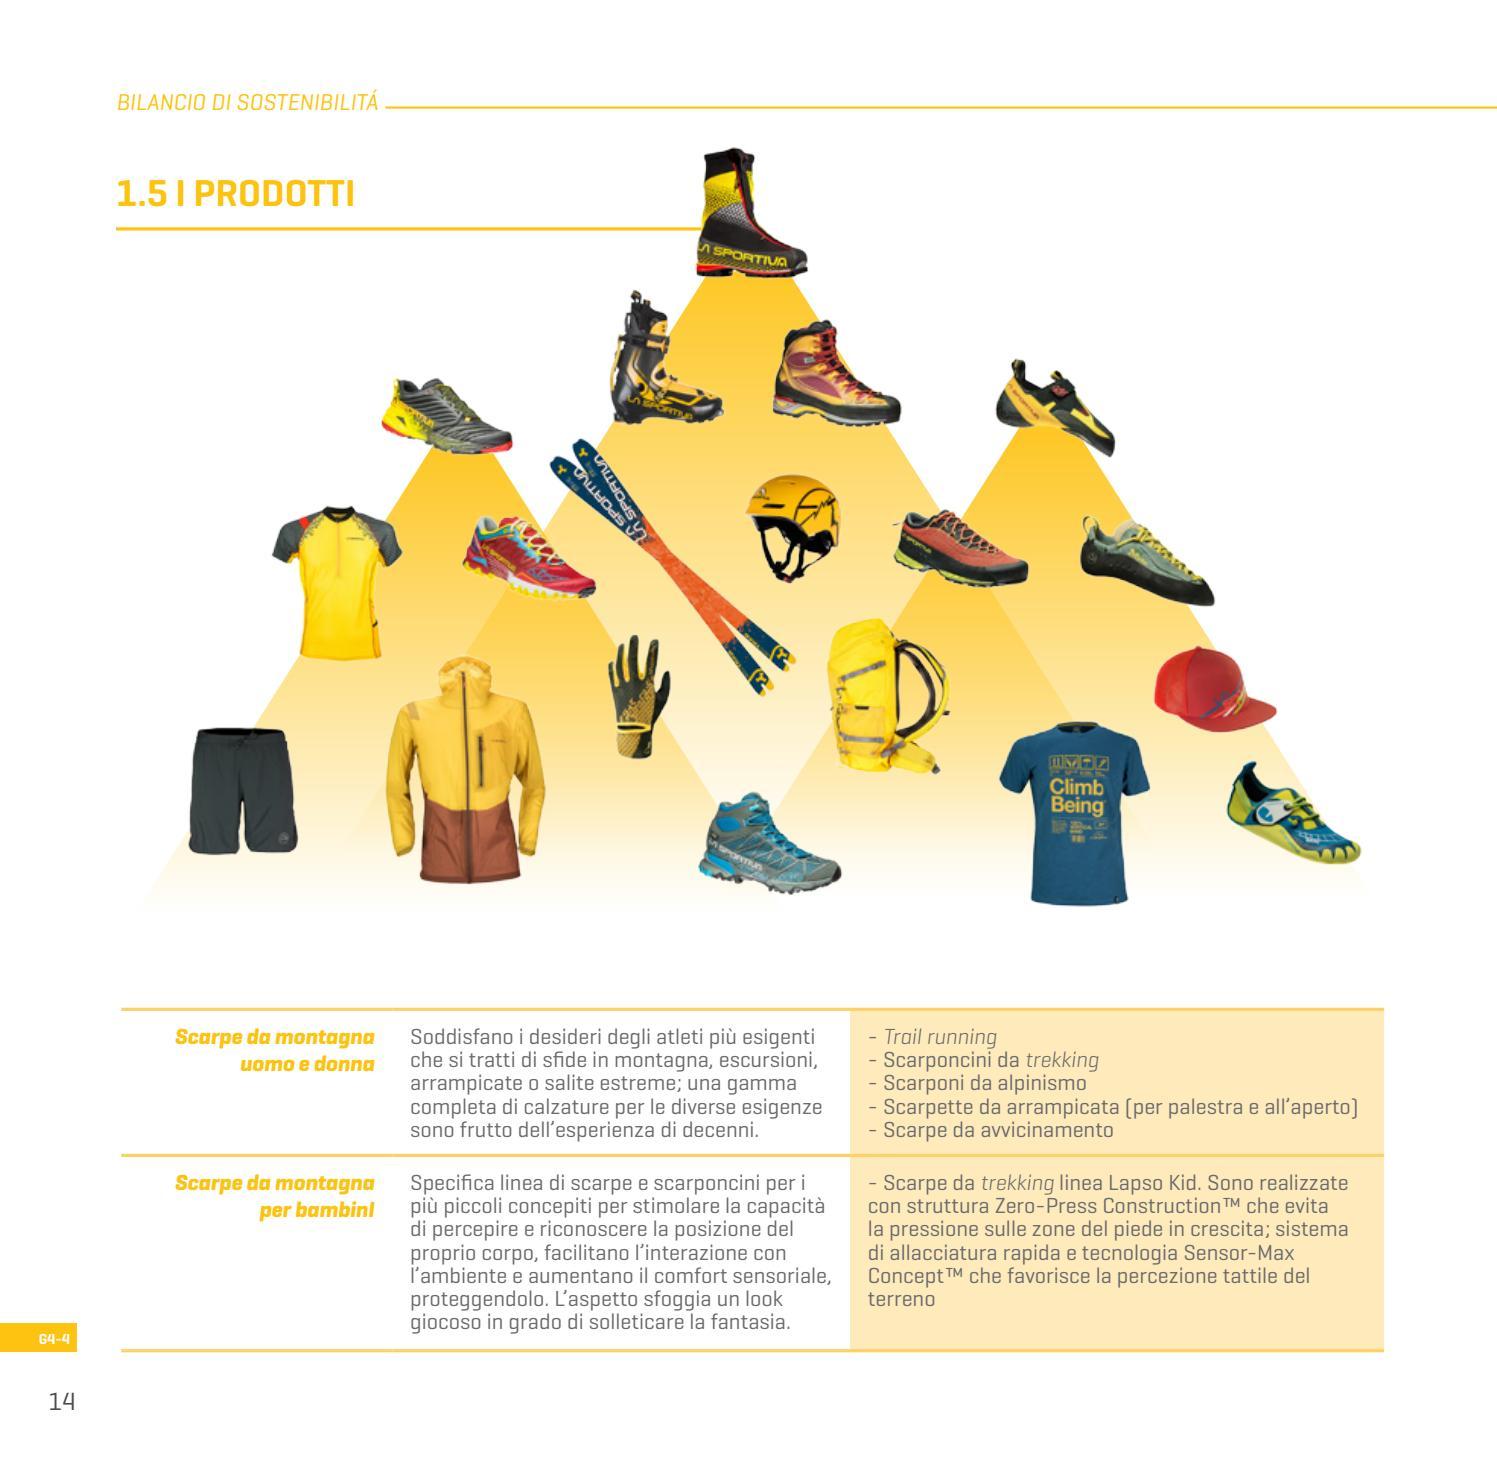 Bilancio di sostenibilità 2016 ITA by La Sportiva issuu